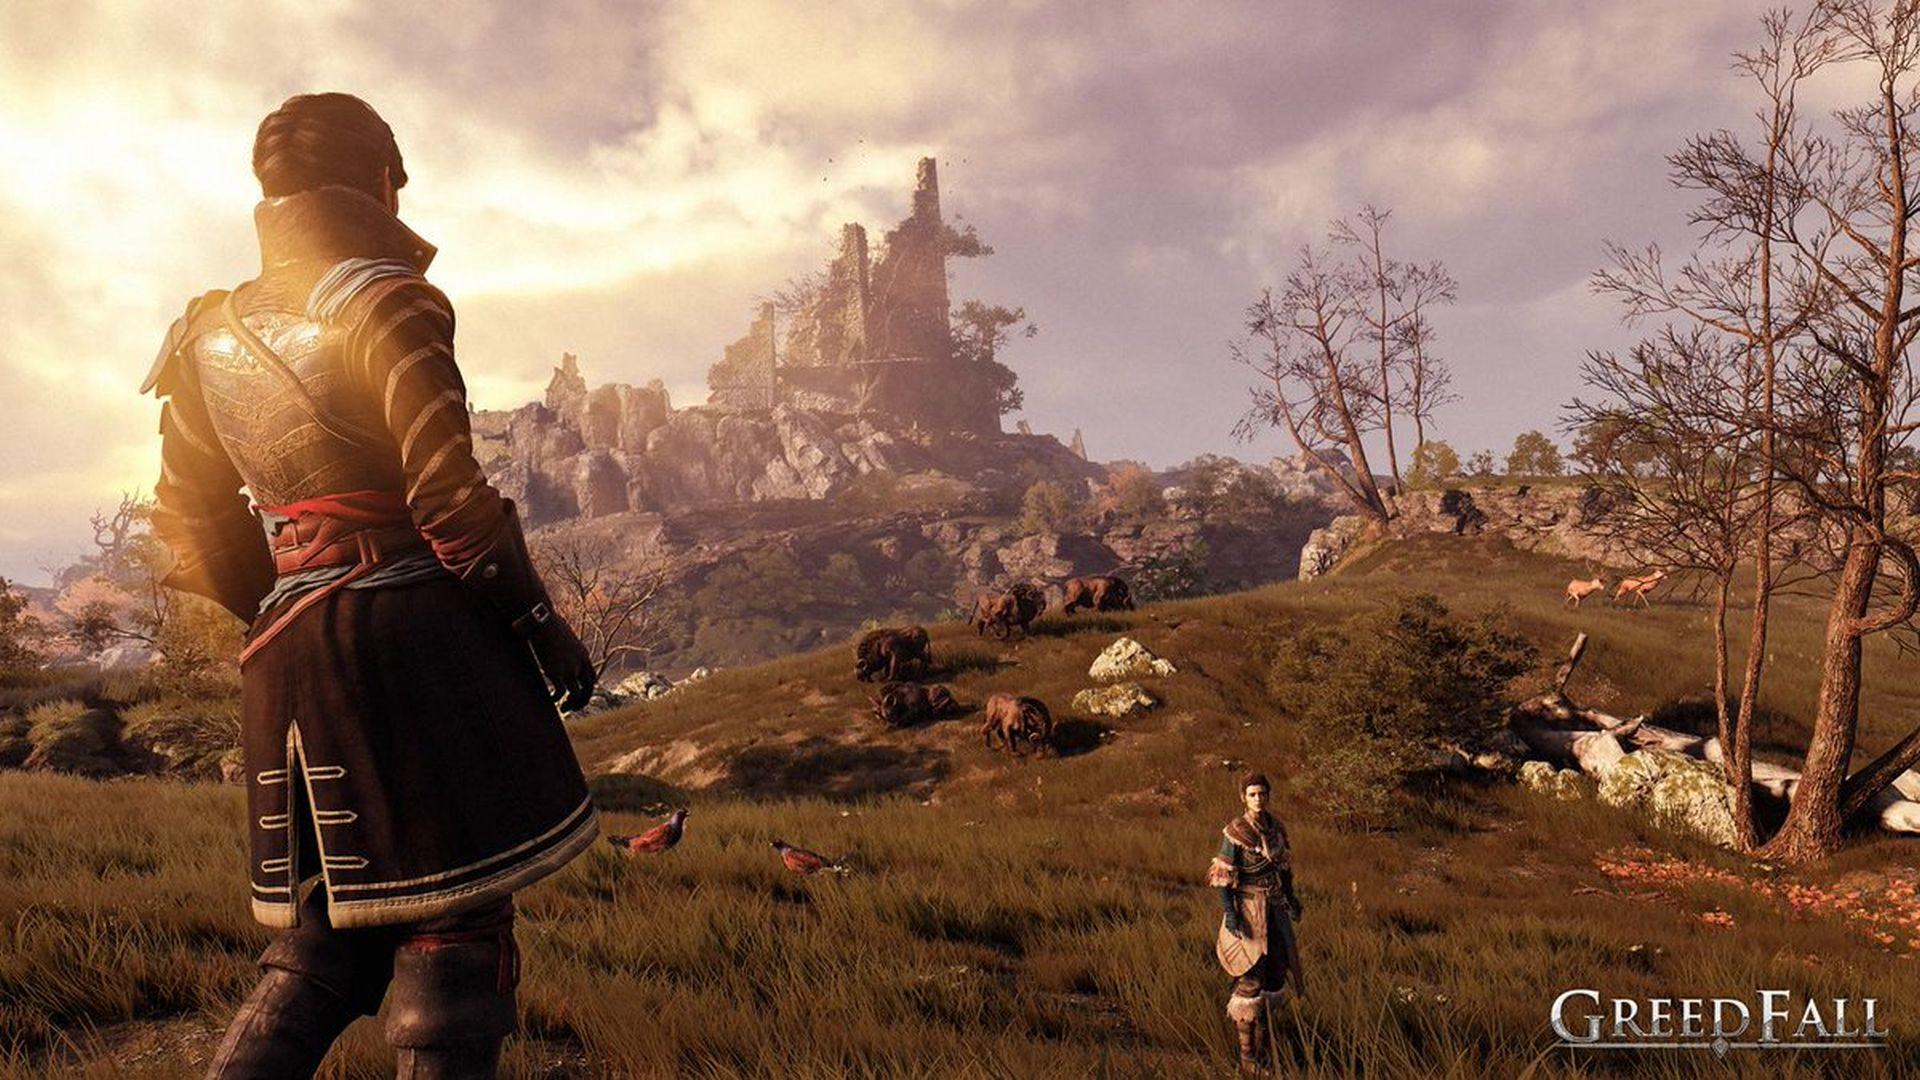 开发商:《贪婪之秋》的目标是填补BioWare RPG游戏空白